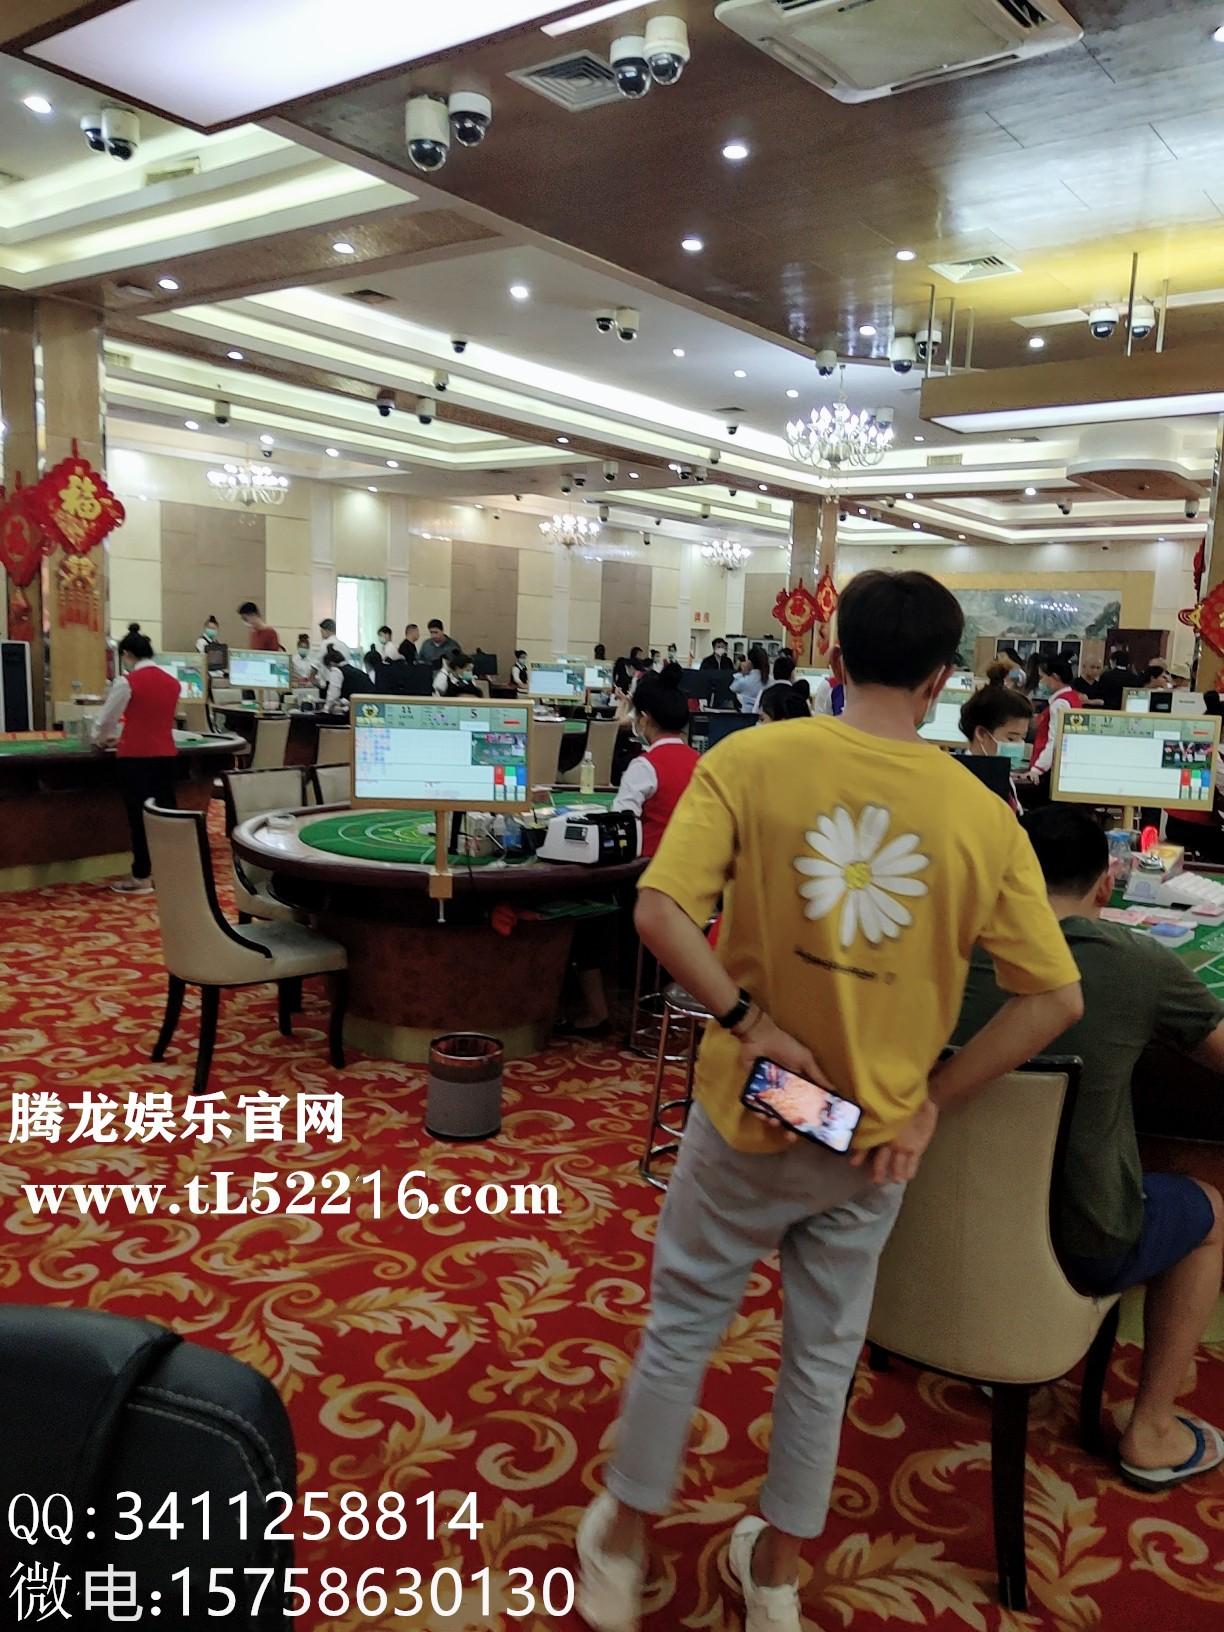 缅甸小孟腊网投网赌公司正规吗15758630130